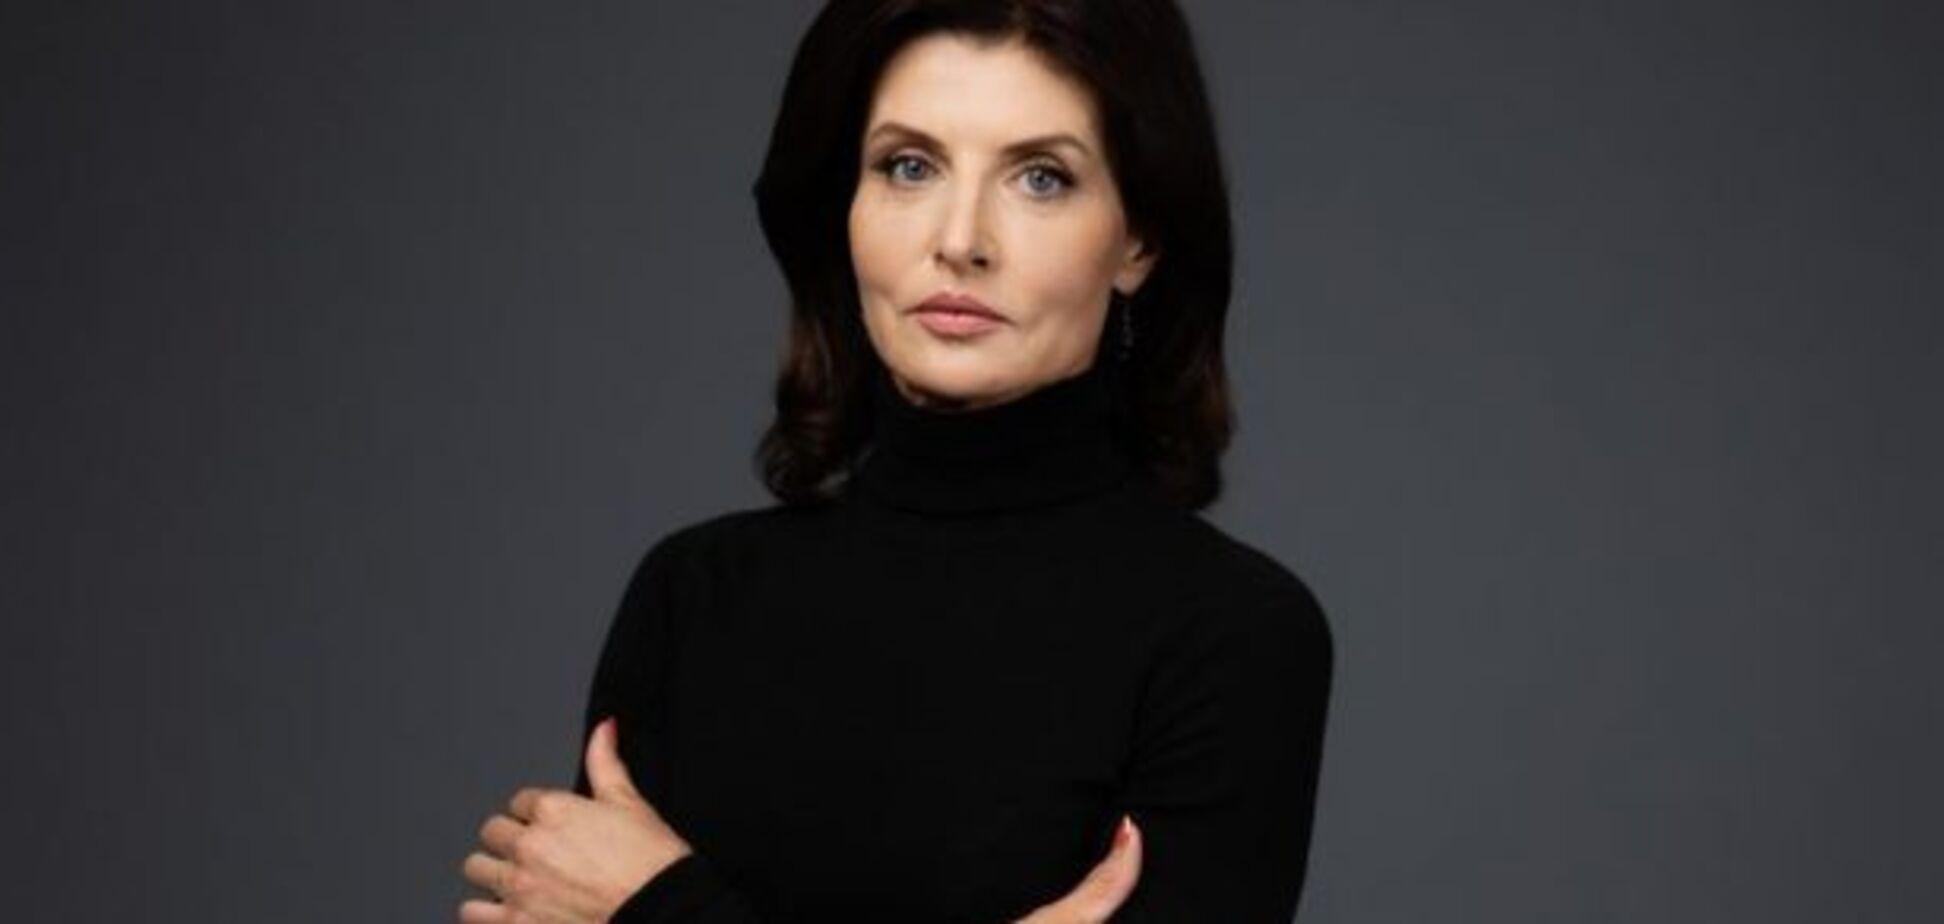 Марина Порошенко заявила про невідповідність Програми розвитку Києва очікуванням жителів столиці